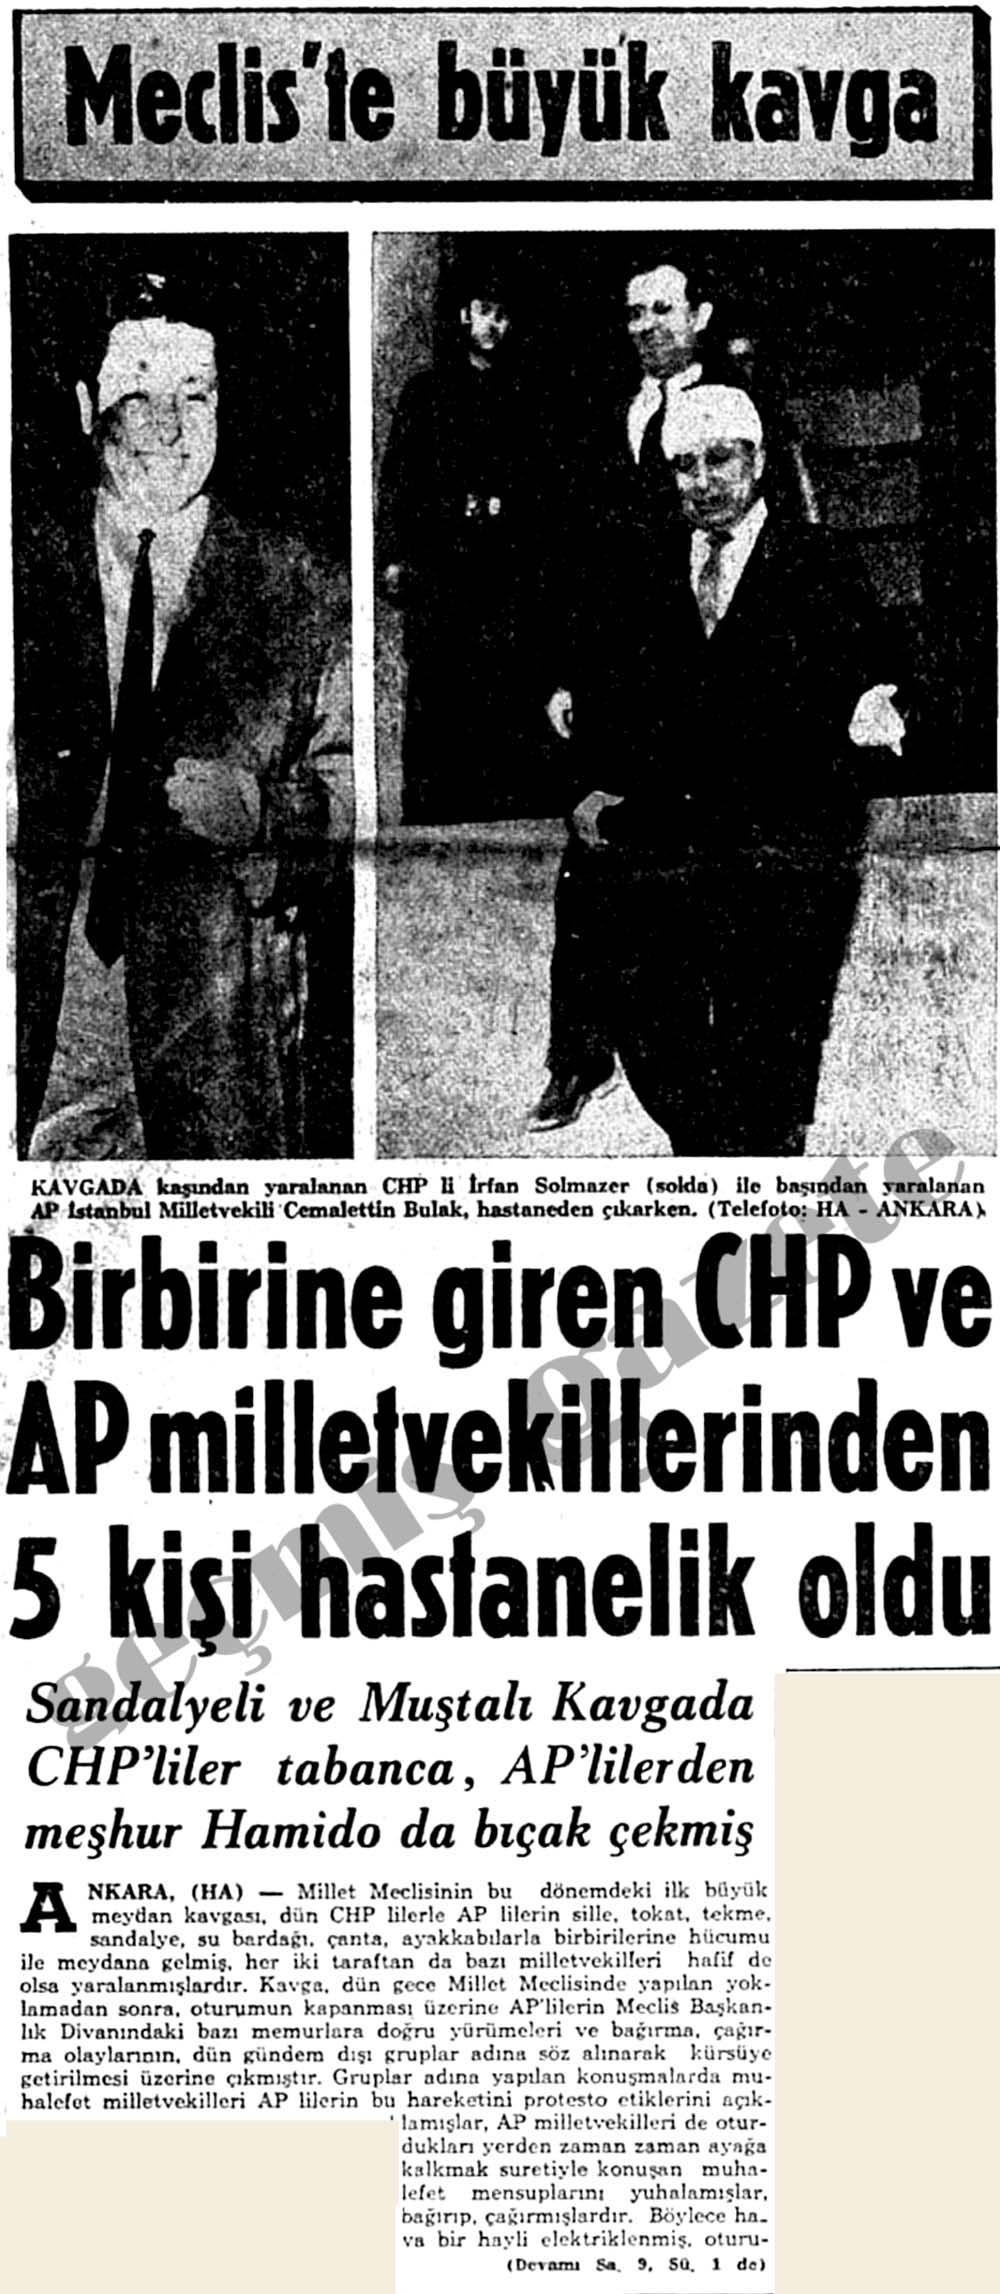 Birbirine giren CHP ve AP milletvekillerinden 5 kişi hastanelik oldu